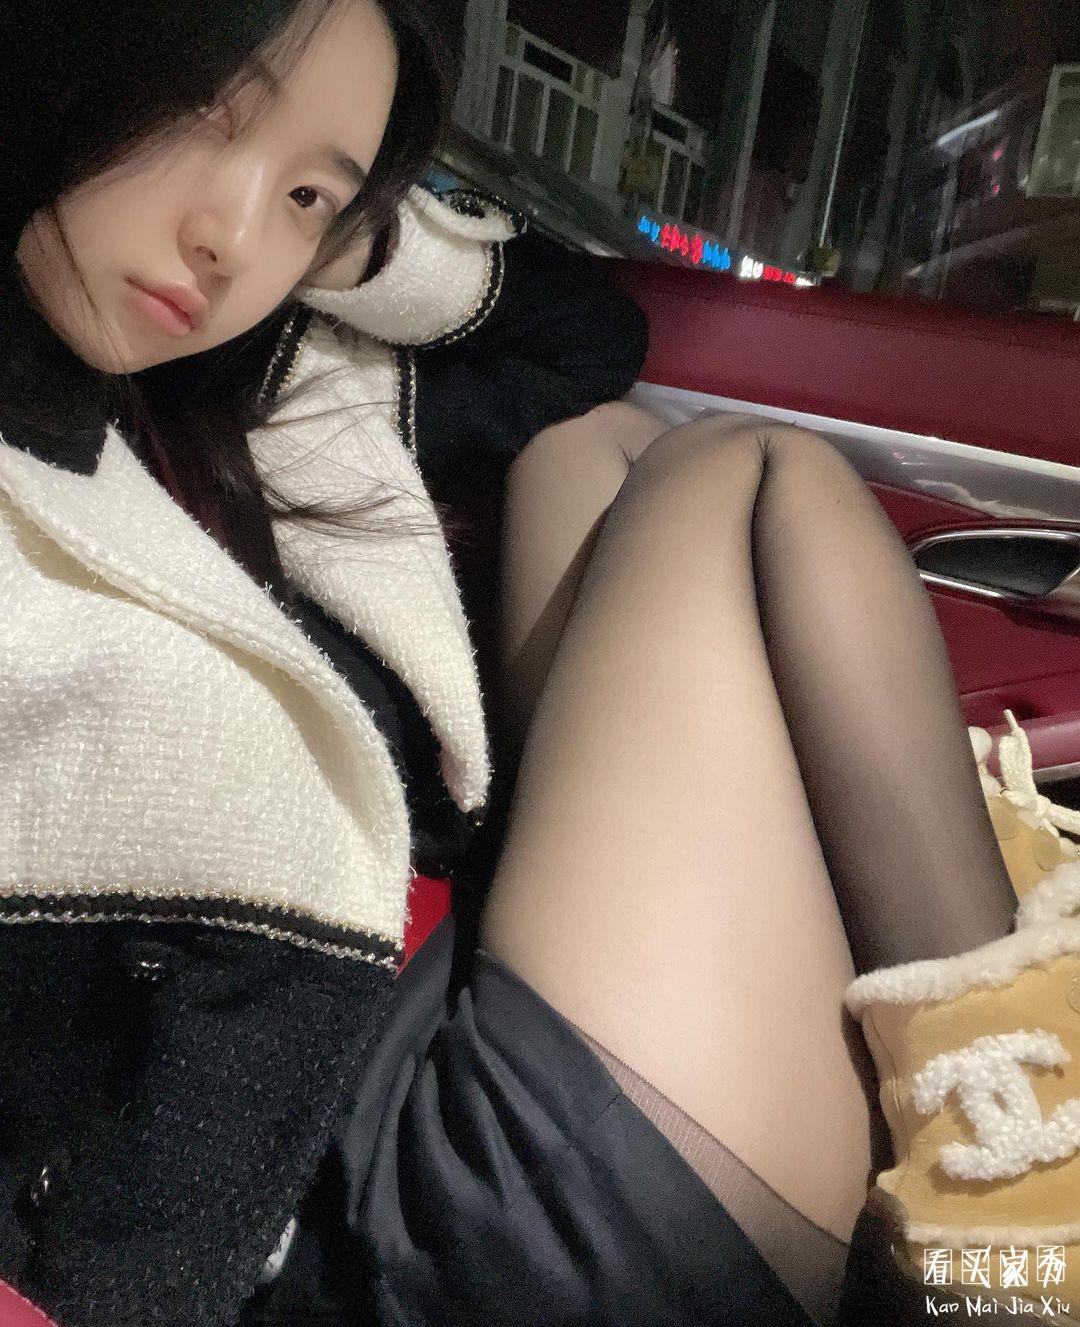 绫天生丝滑情趣女王黑丝买家秀,高端的丝袜配高端的腿3